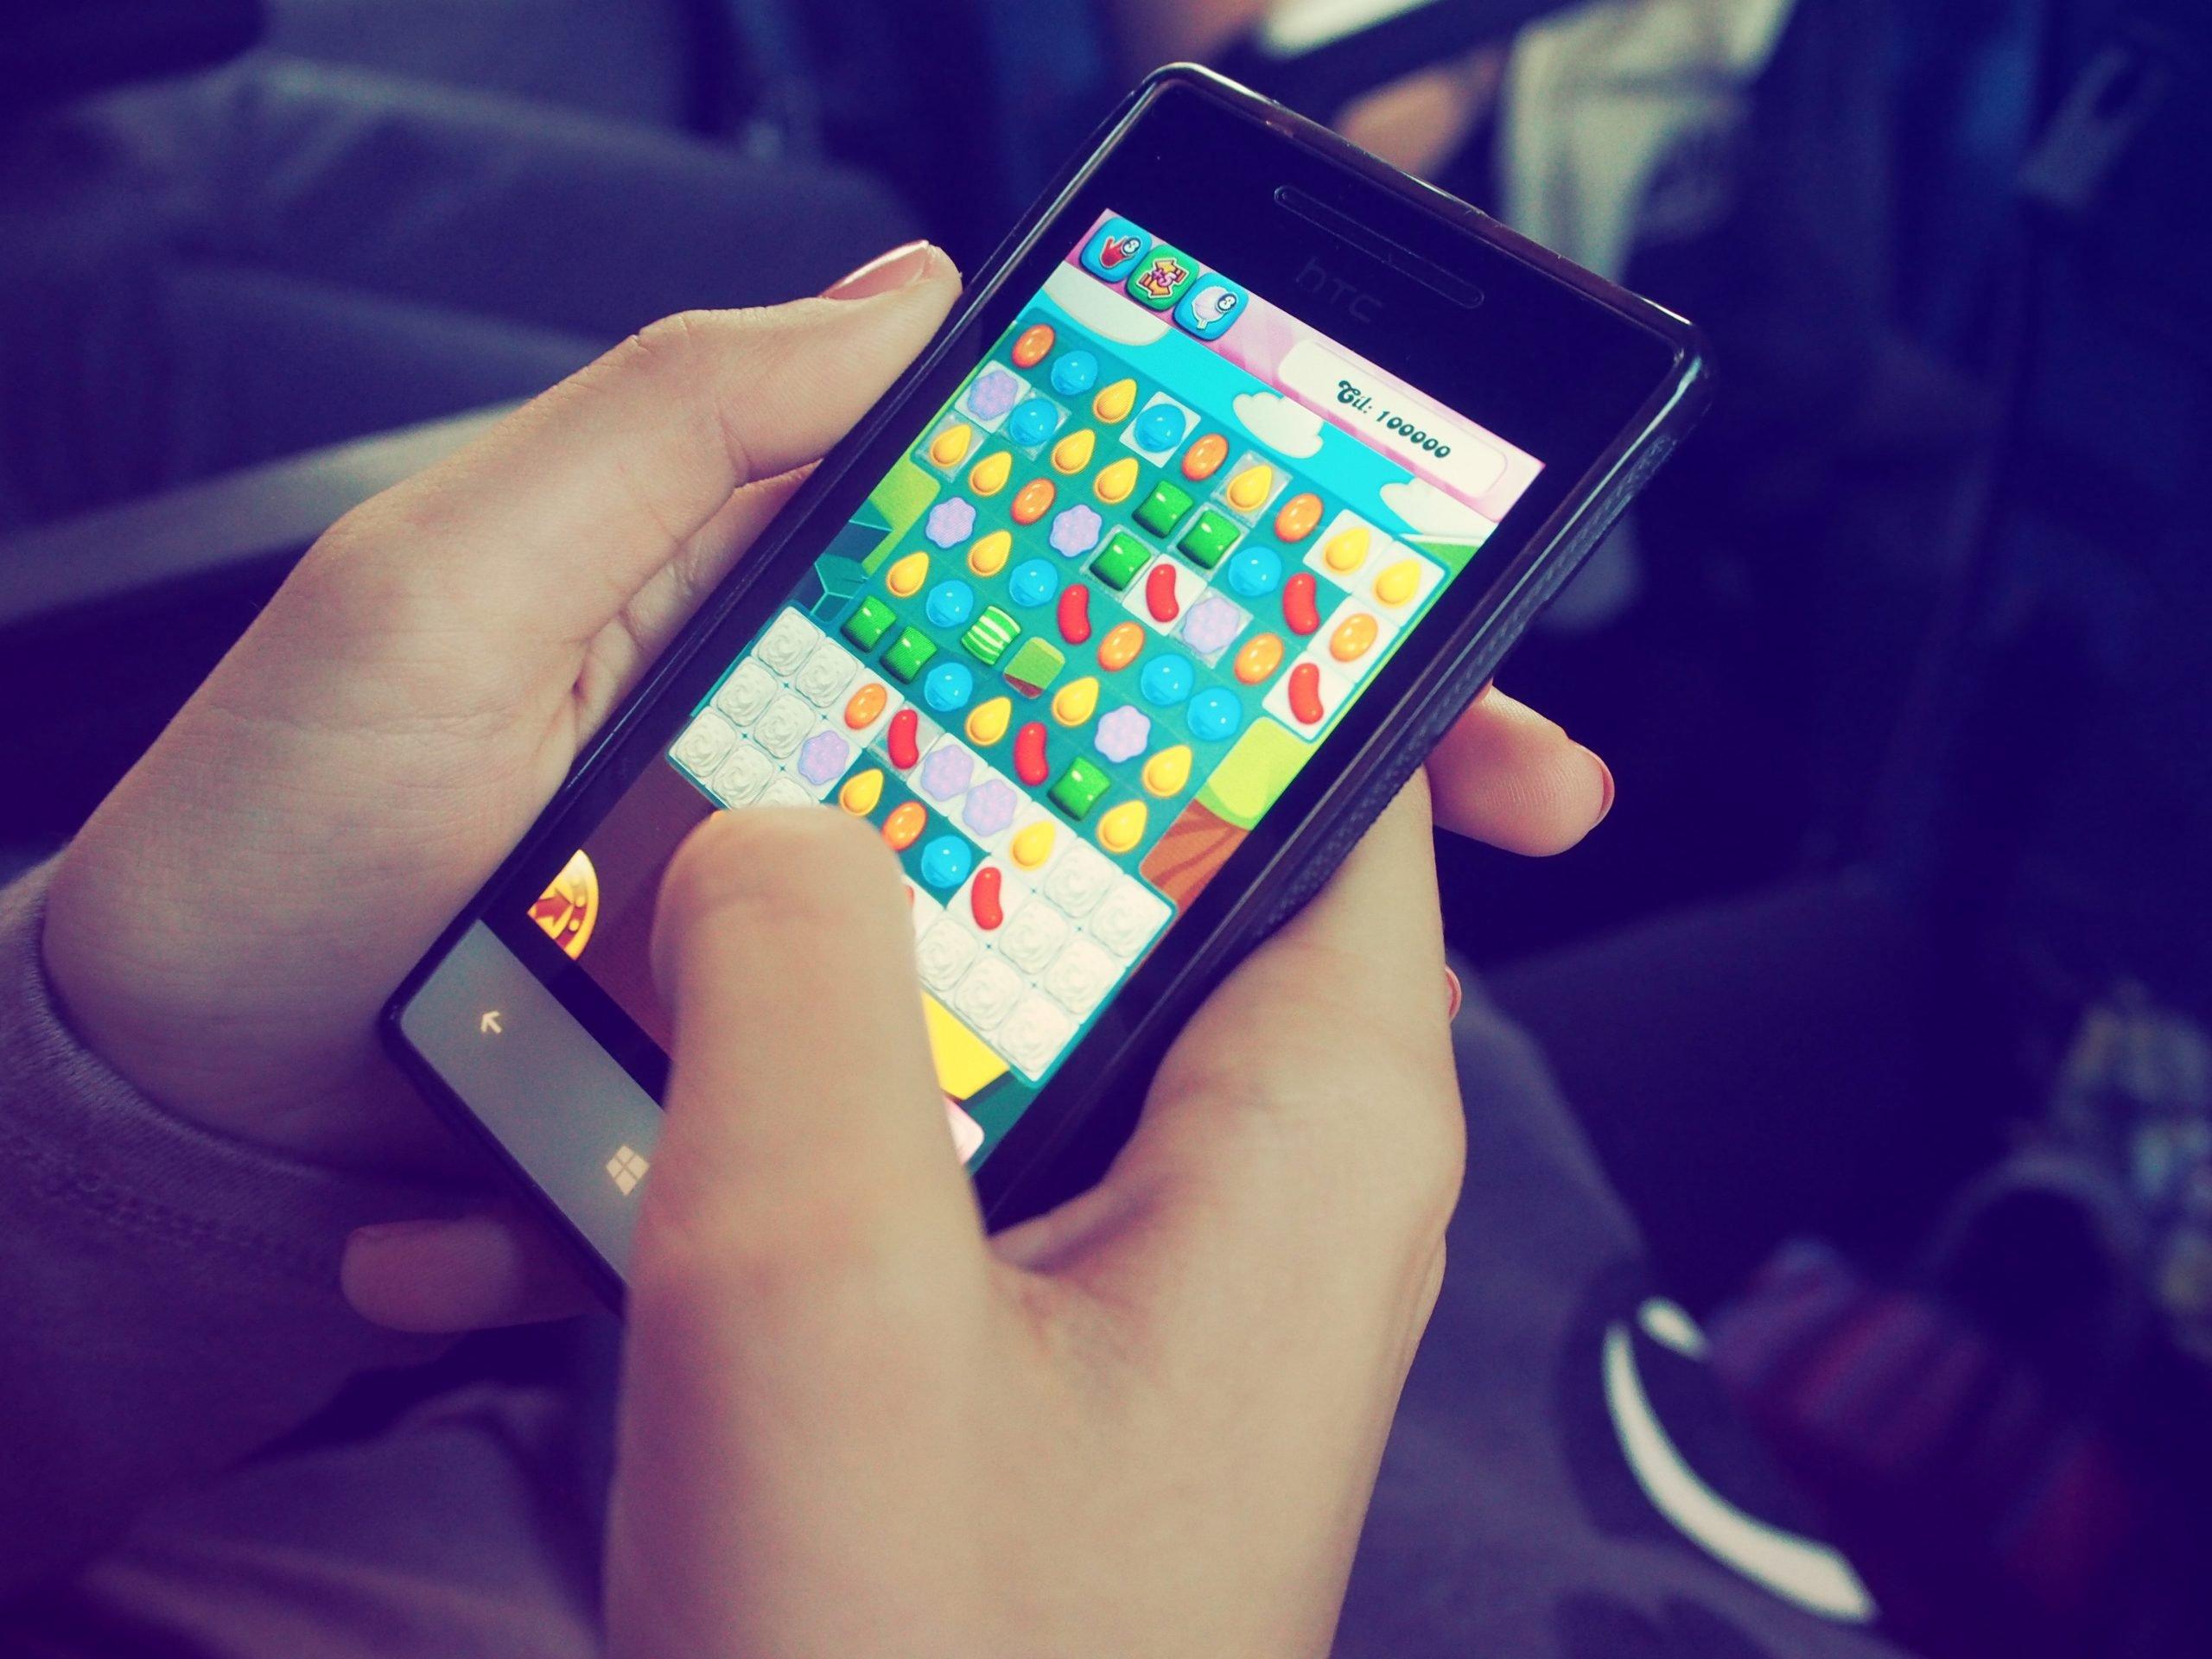 Top 5 jocuri de mobil care merită încercate în 2021